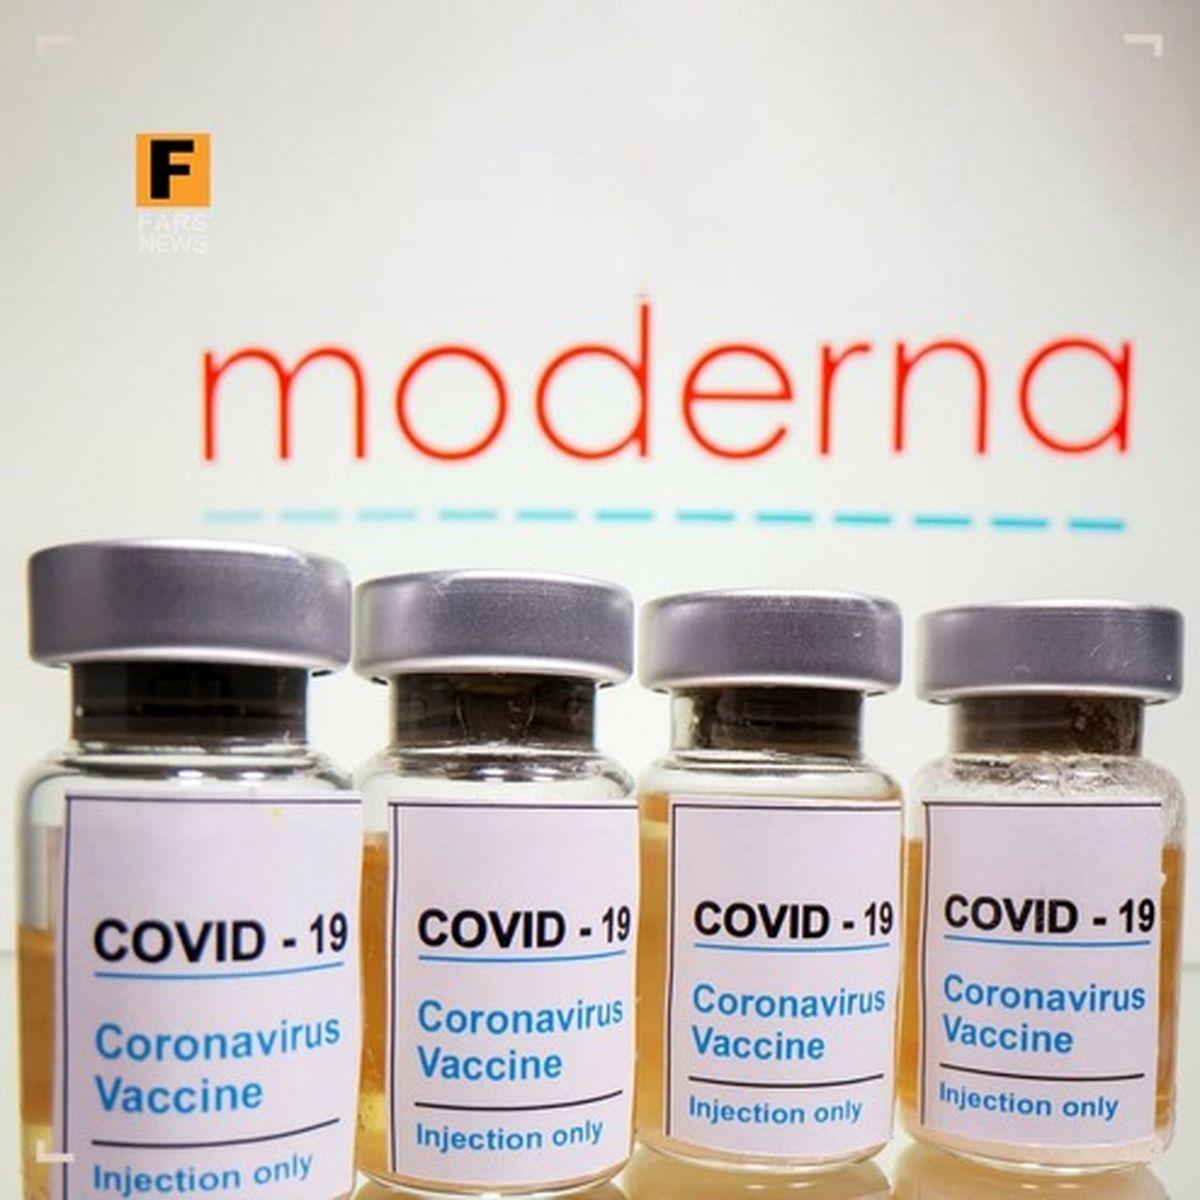 تزریق واکسن مدرنا در کالیفرنیا متوقف شد